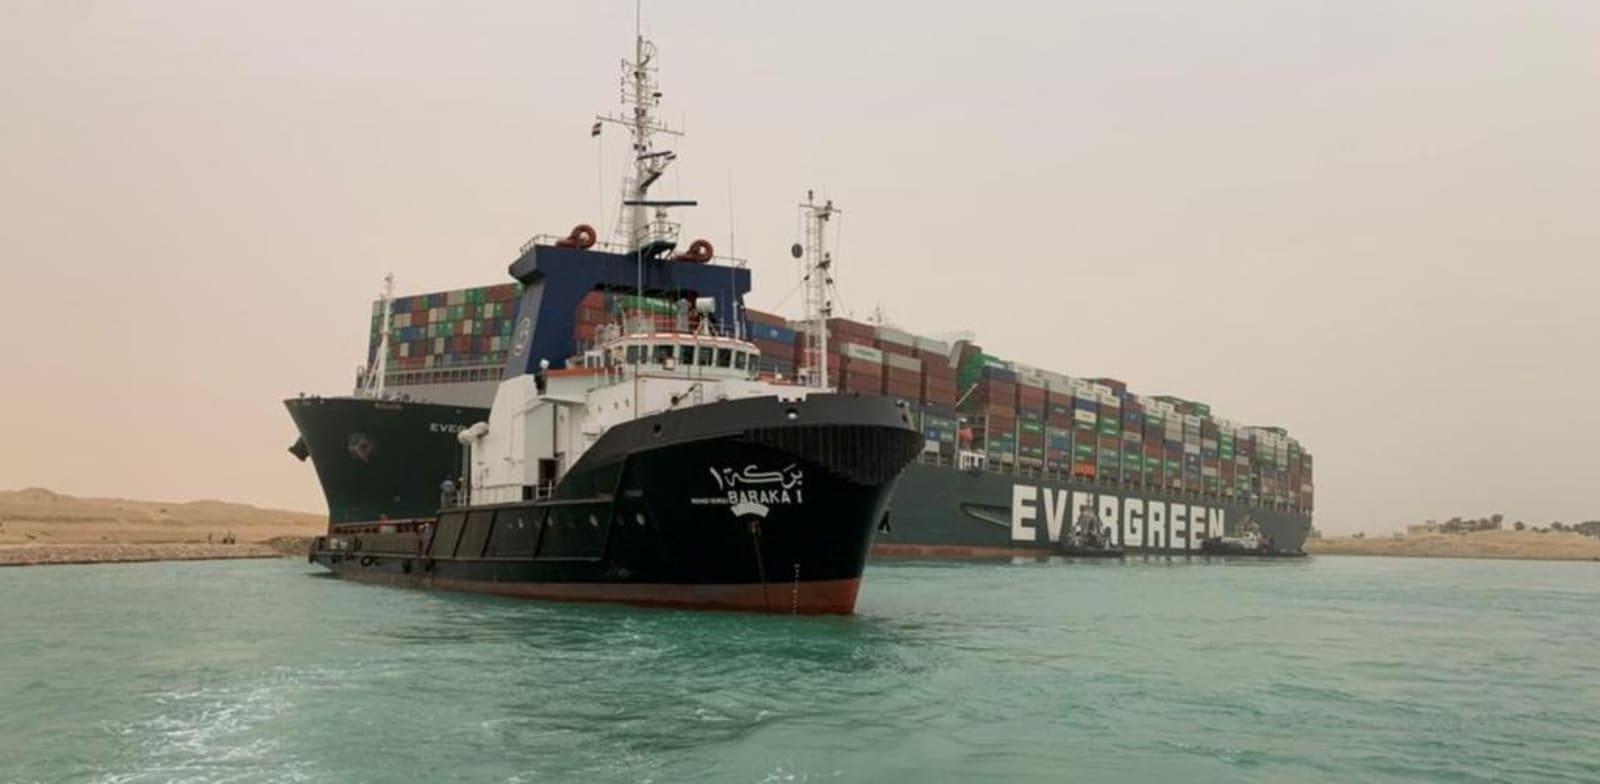 החשש הכבד איראן עומדת מאחורי התקיעה של האוניה והתנגשות הרכבות במצרים 2021-03-24T081116Z_1597834114_RC2JHM9WTYVR_RTRMADP_3_EGYPT-SUEZCANAL-SHIP_gnctha